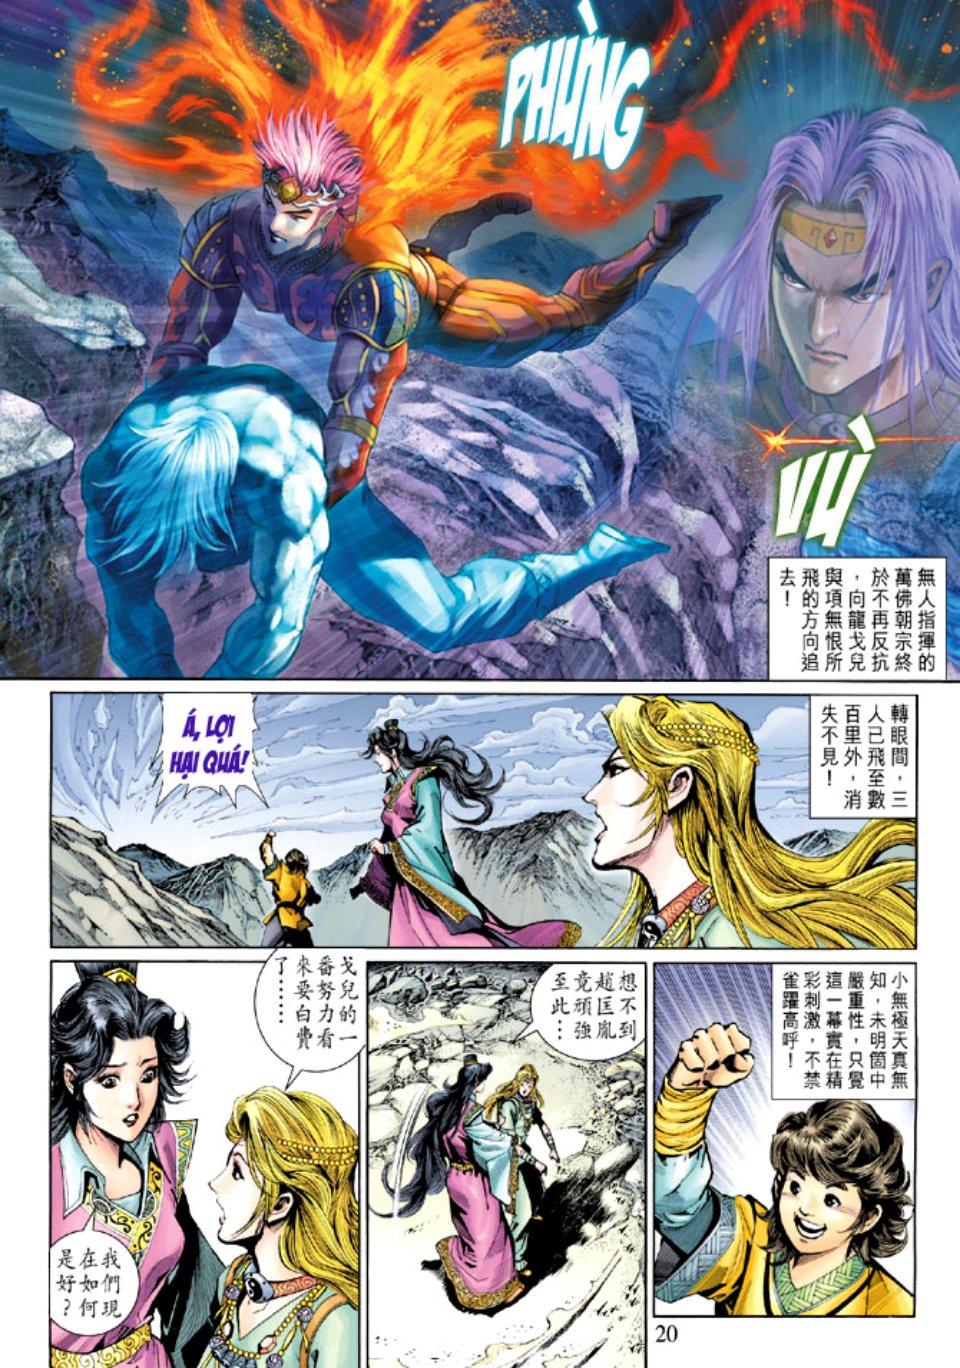 Thiên Tử Truyền Kỳ 5 - Như Lai Thần Chưởng chap 212 - Trang 20